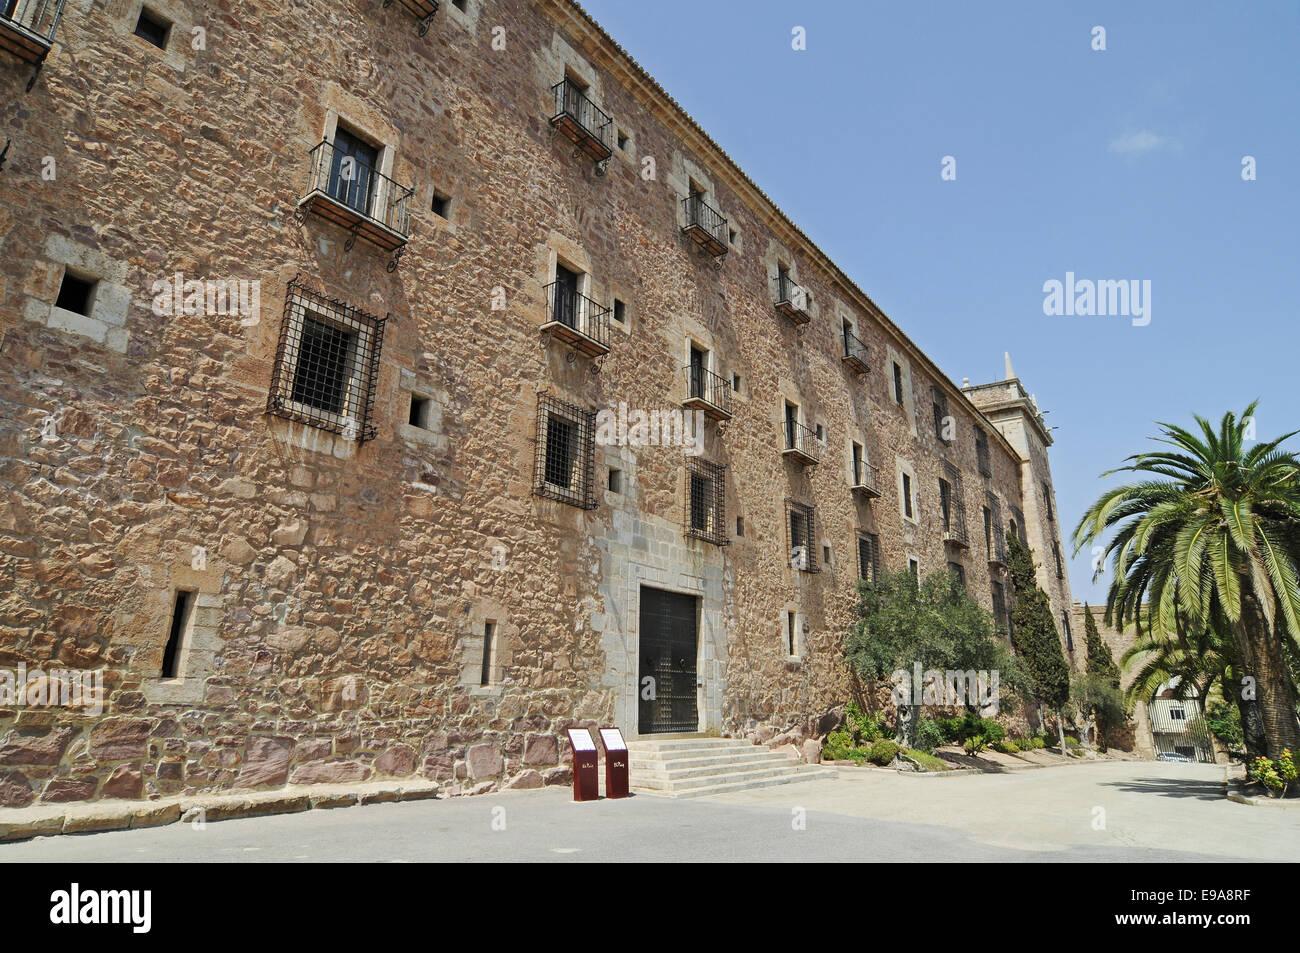 Santa Maria monastery, El Puig, Spain - Stock Image